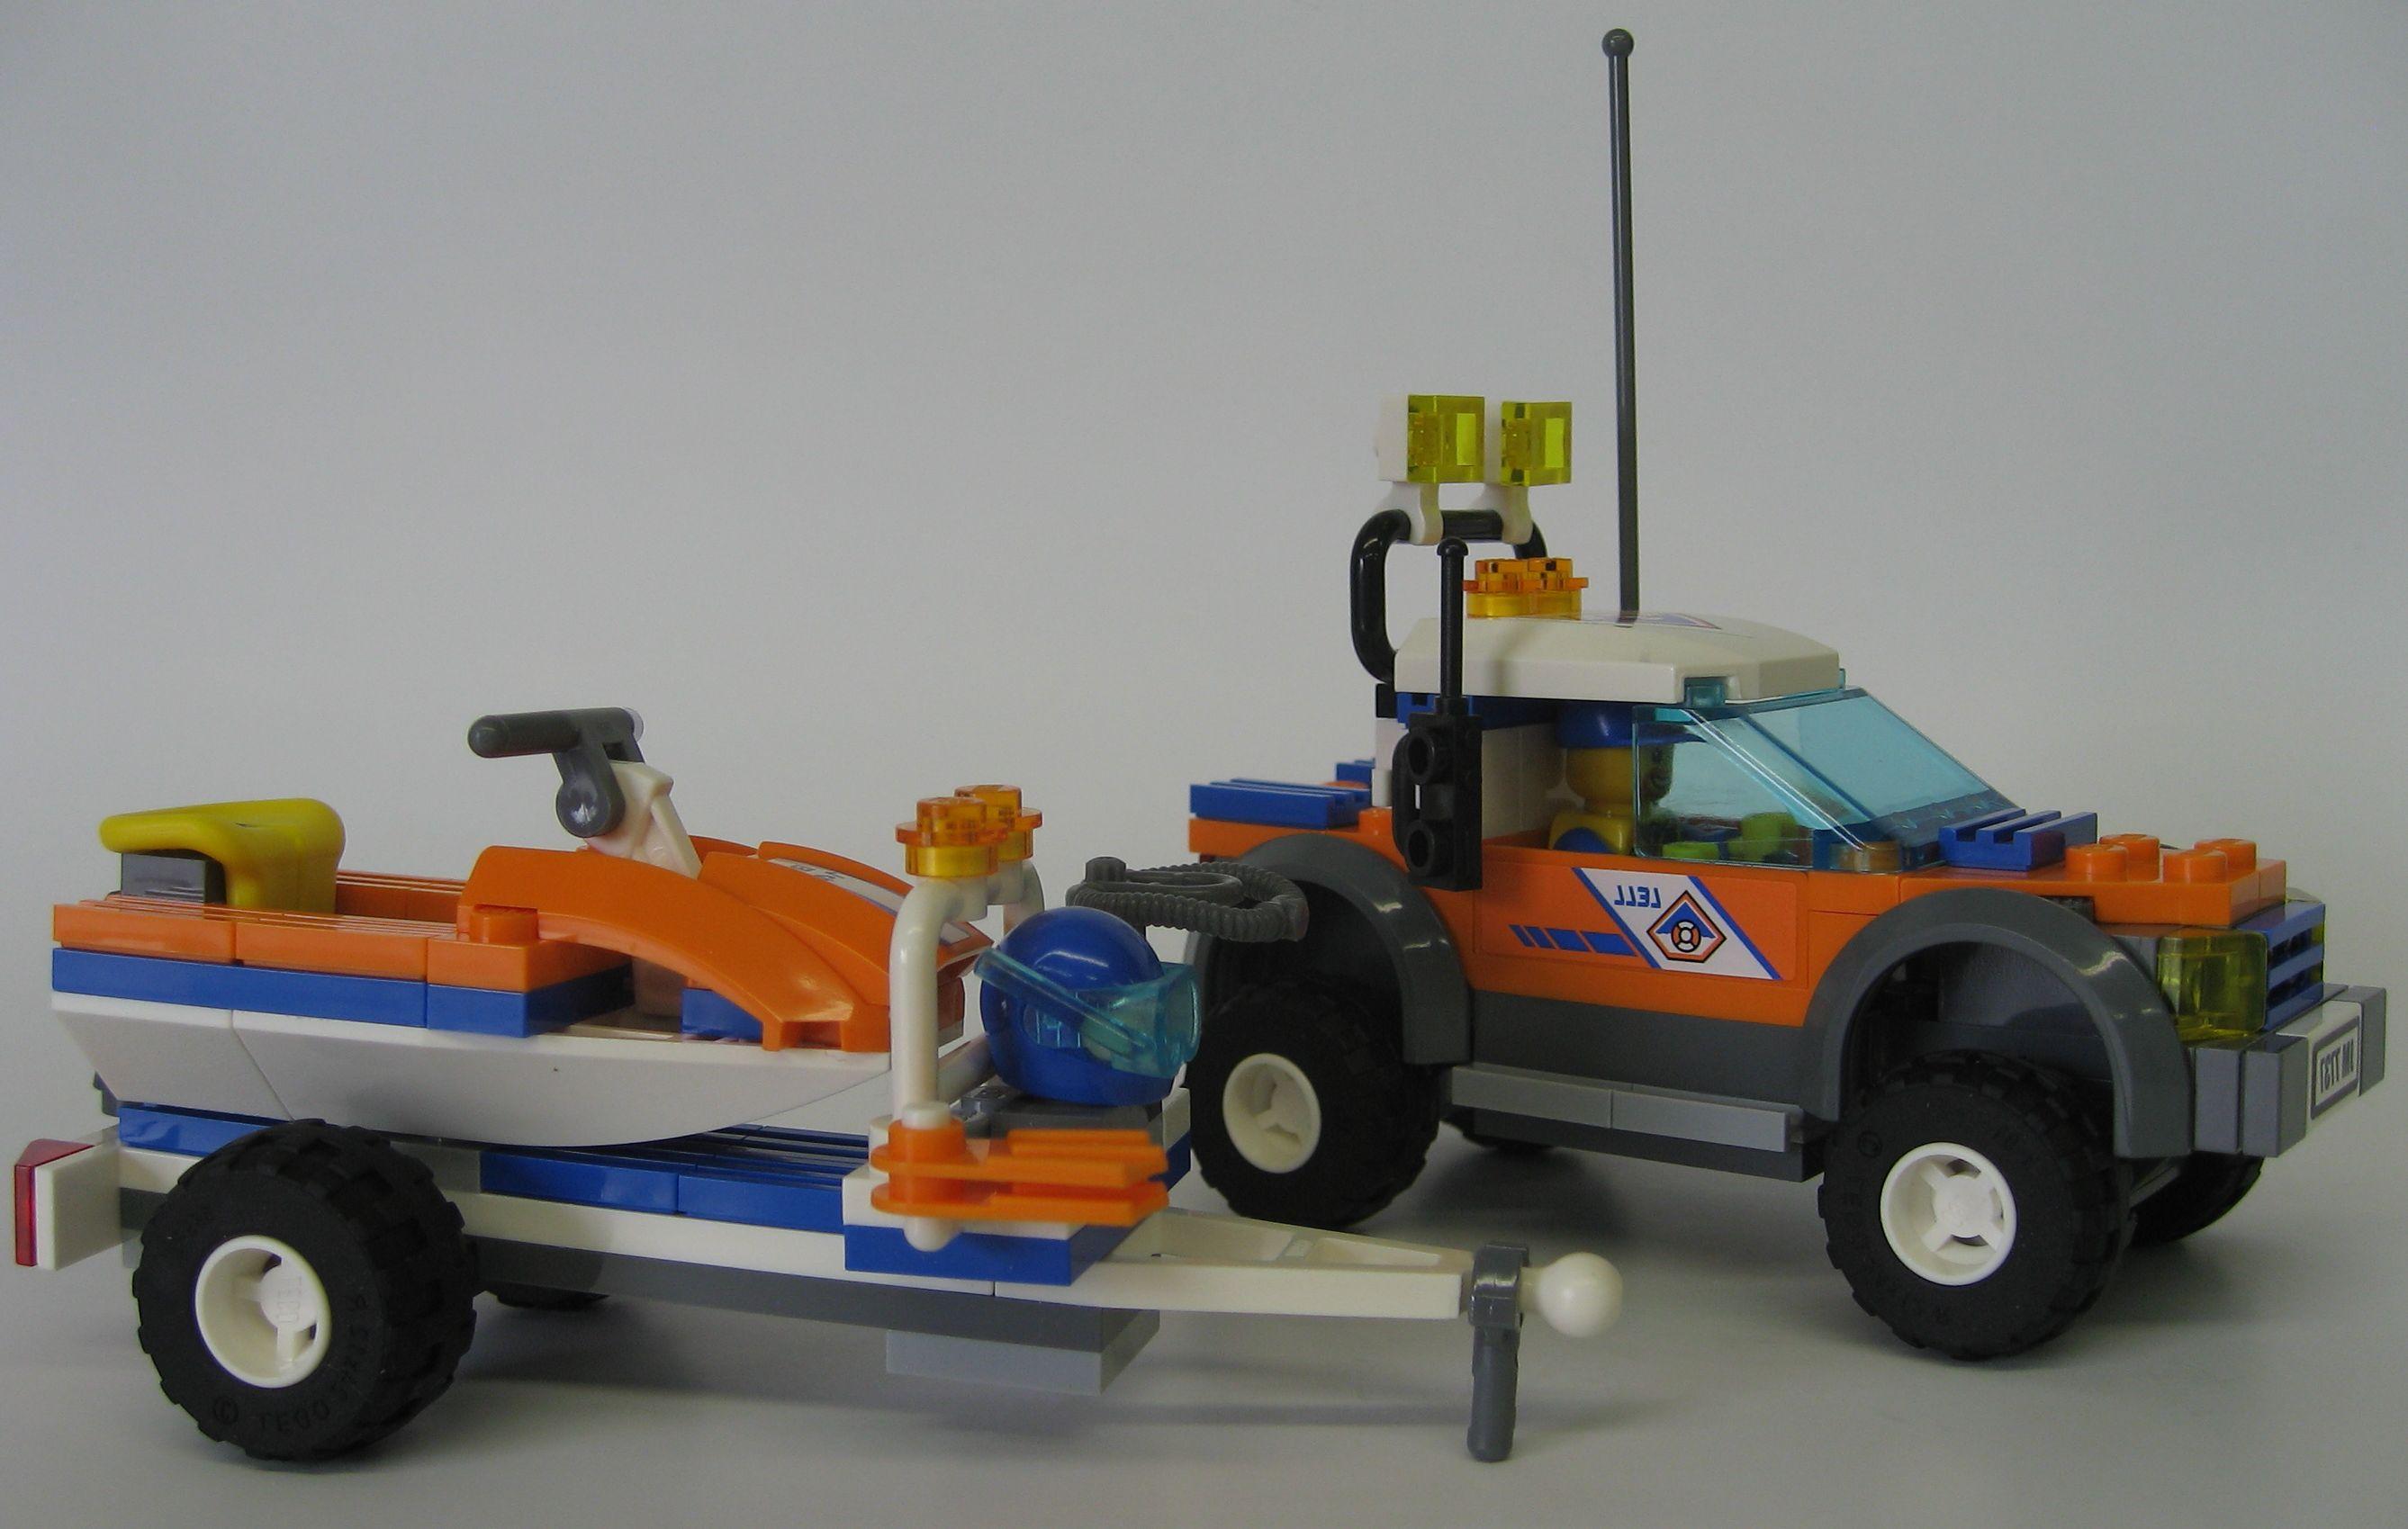 Как сделать прицеп для машины из LEGO видео